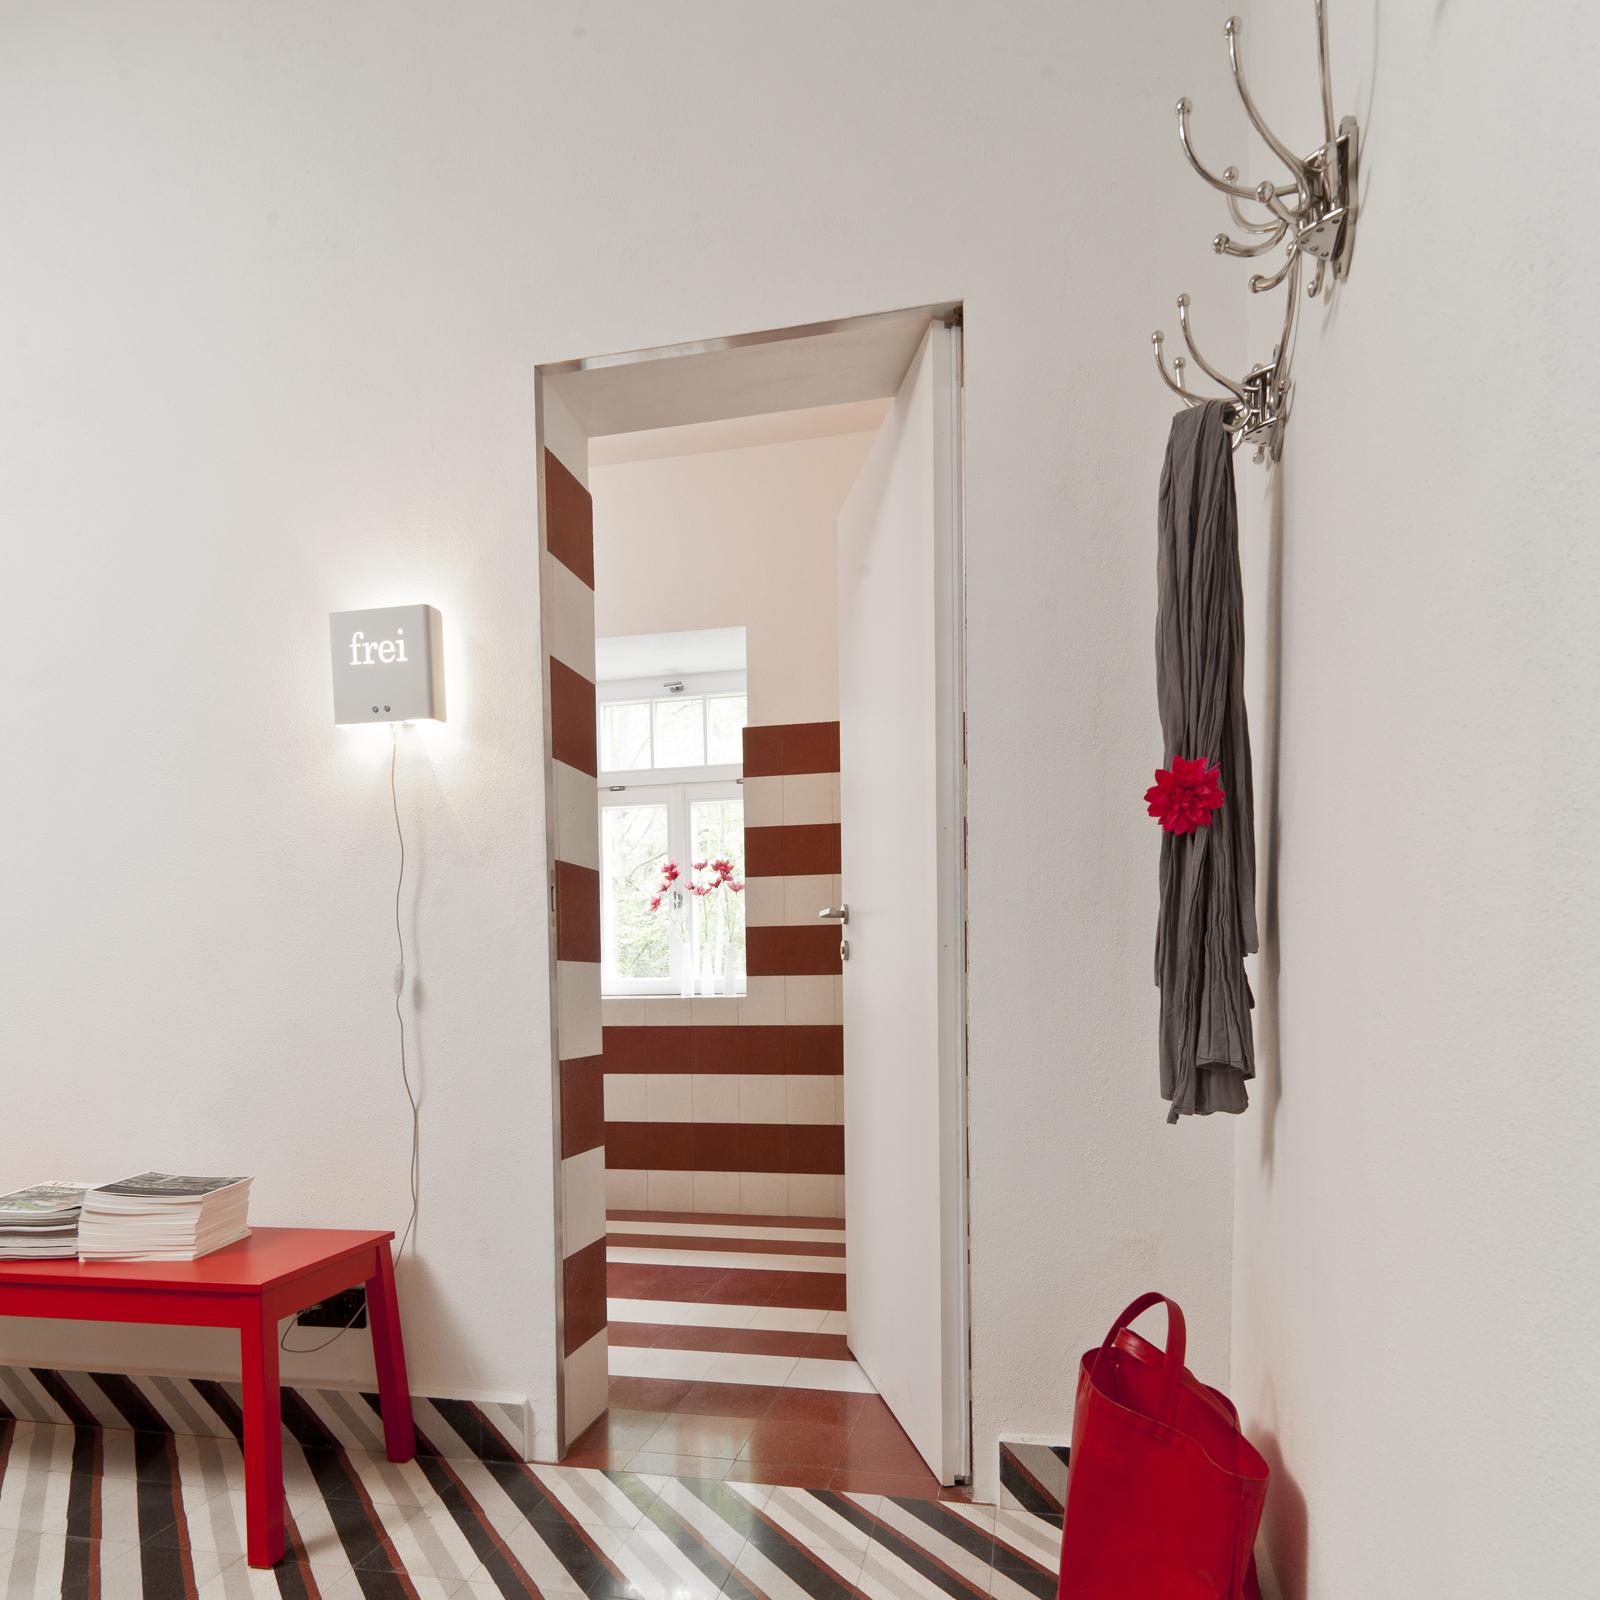 kreidefarbe-Wolkenweiß-112-Garderobe-zementfliesen-terrazzofliesen-viaplatten | Kreidefarbe Wolkenweiß 2500 ml